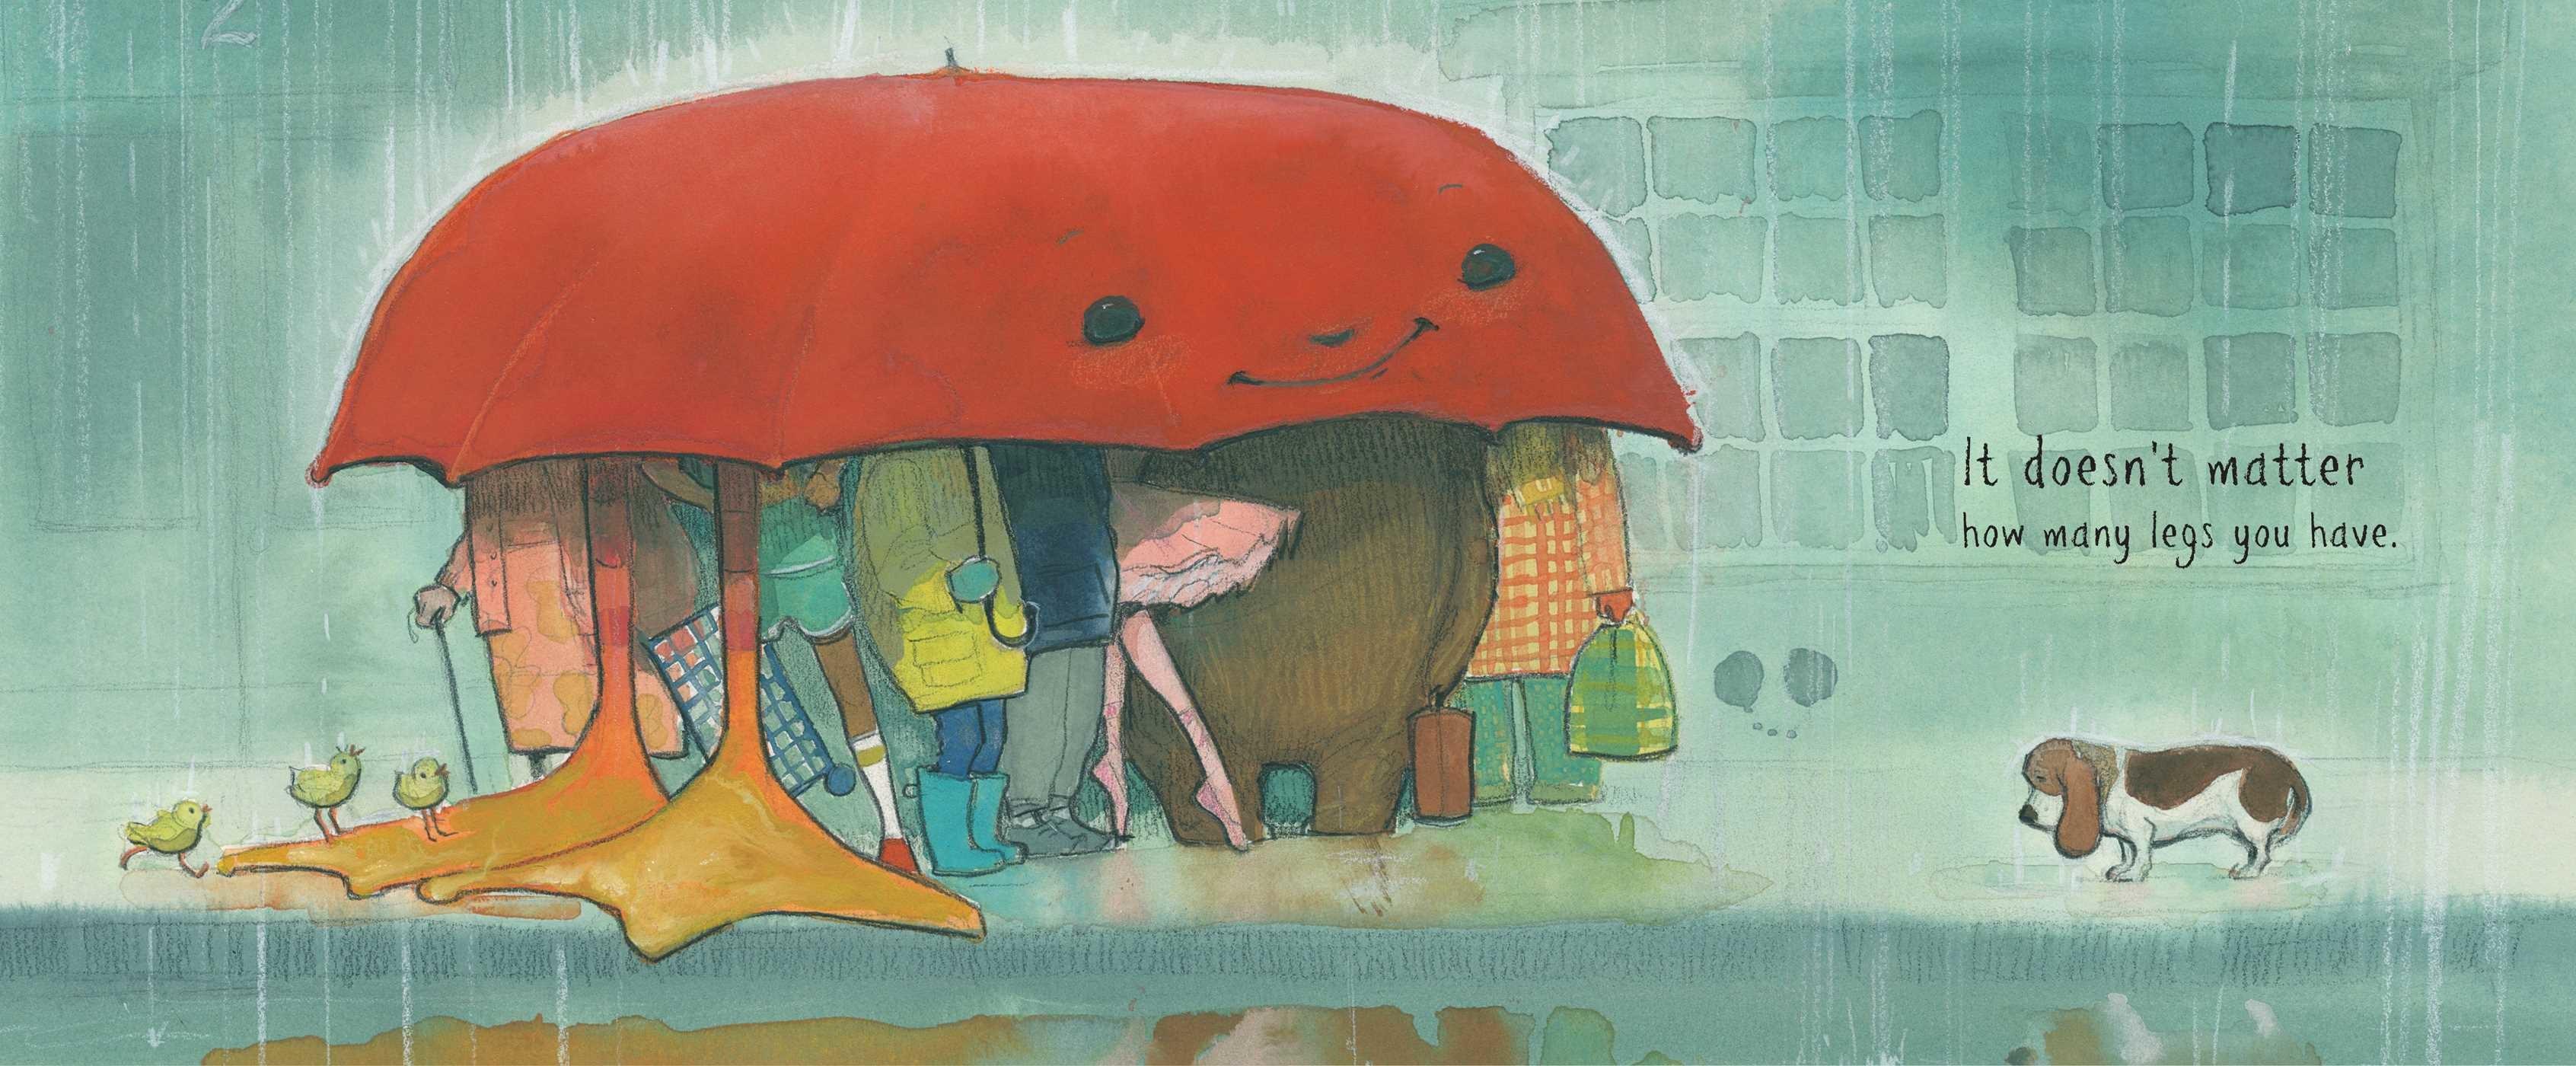 The big umbrella 9781534406582.in06